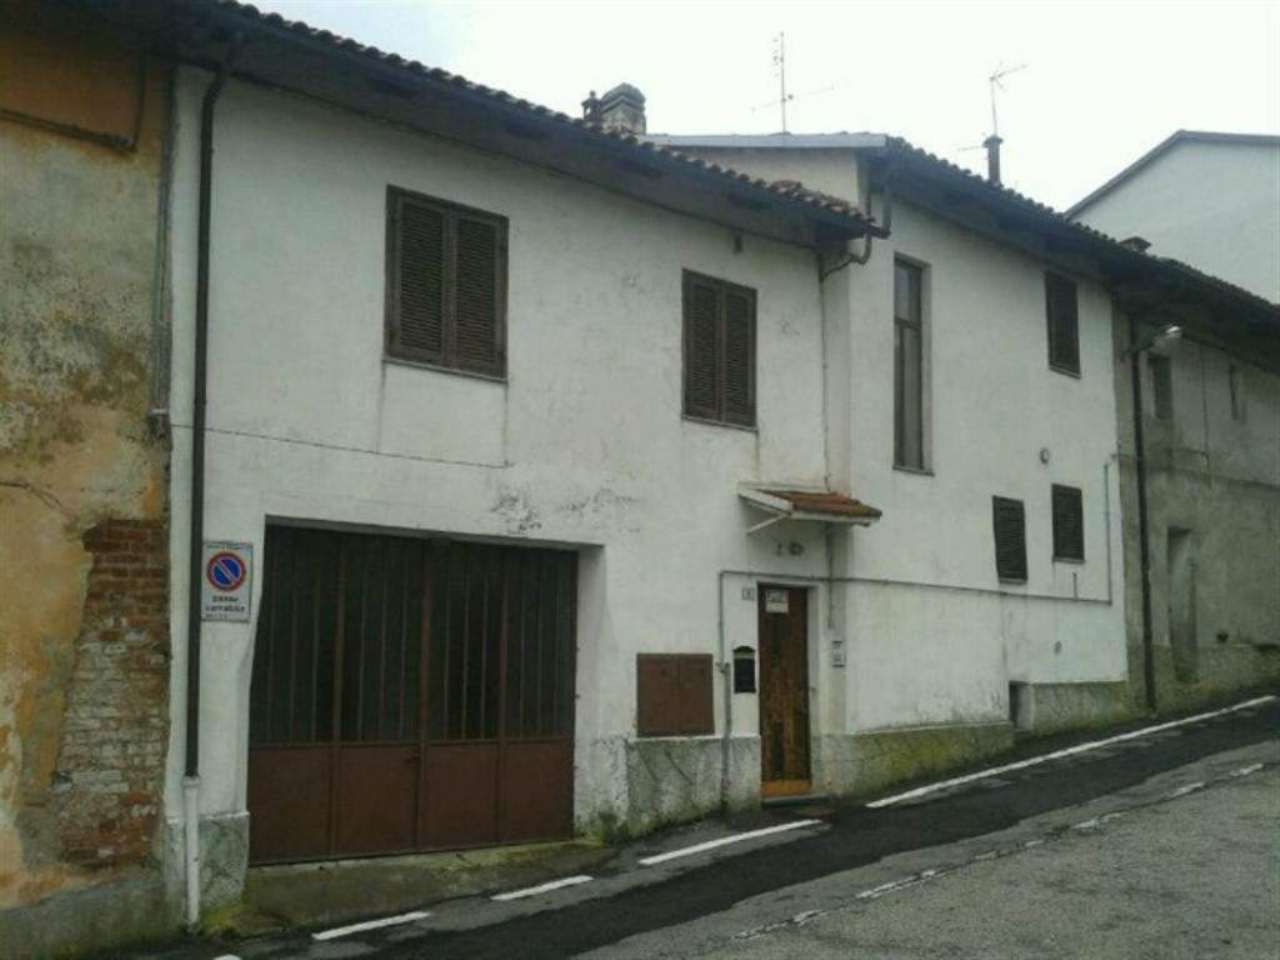 Soluzione Indipendente in vendita a Pecetto Torinese, 5 locali, prezzo € 260.000 | Cambio Casa.it